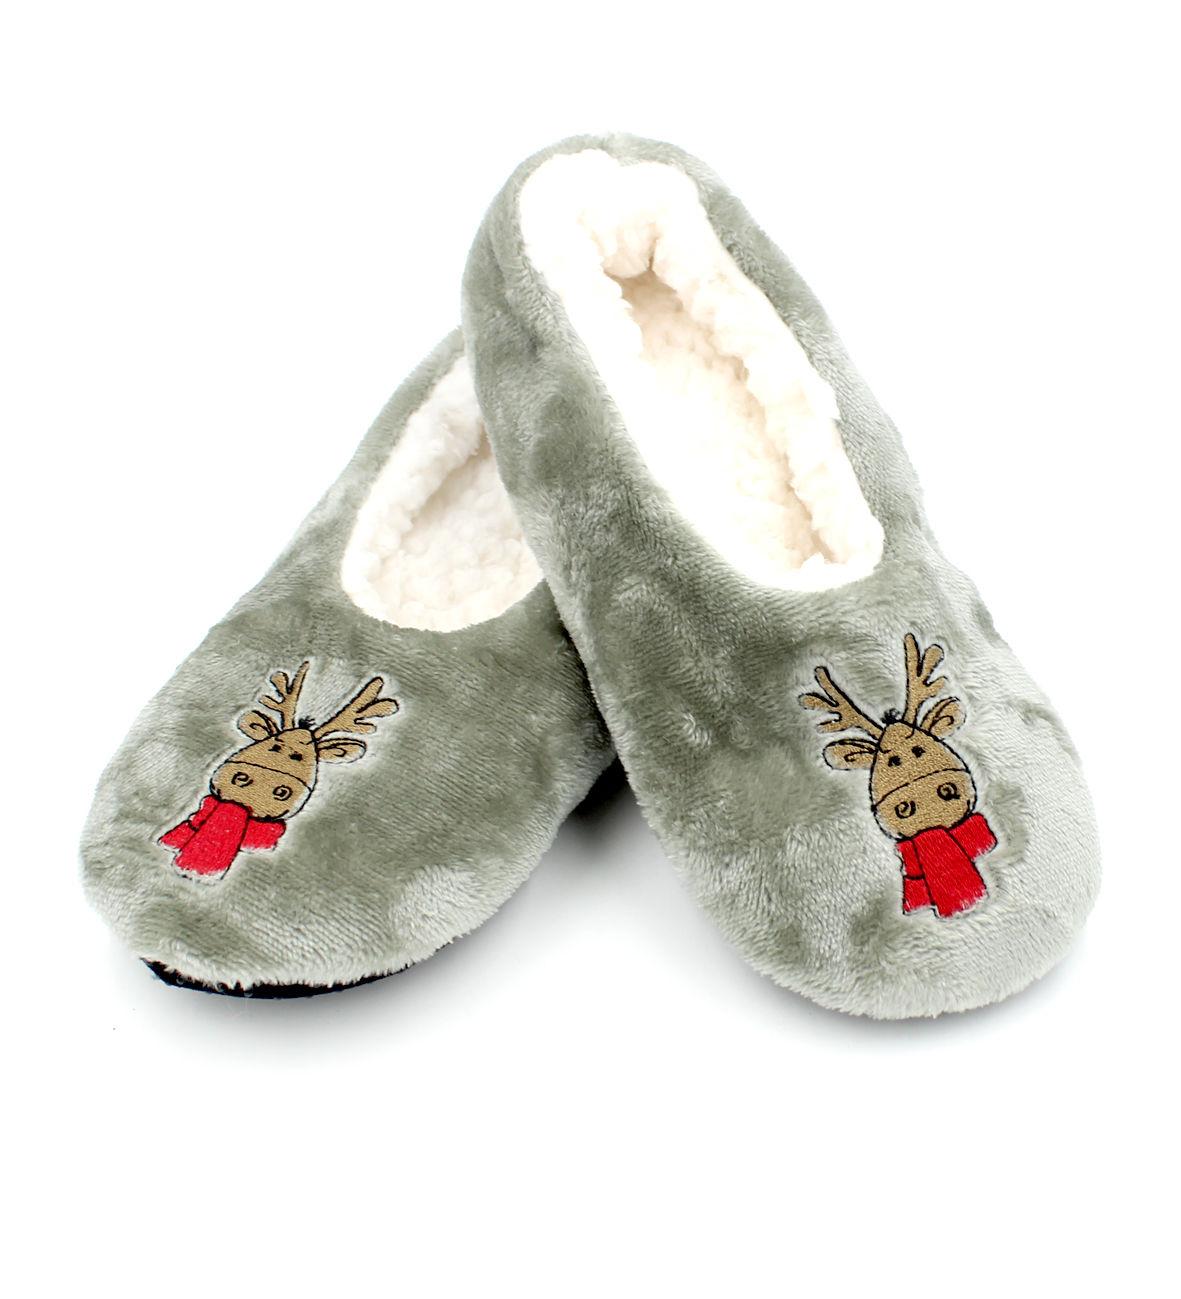 Сбор заказов.Большая осенняя распродажа! Hobby Line: Носки с искусственным мехом, новогодние носки, тапочки-носочки и тапочки-сапожки. Без рядов